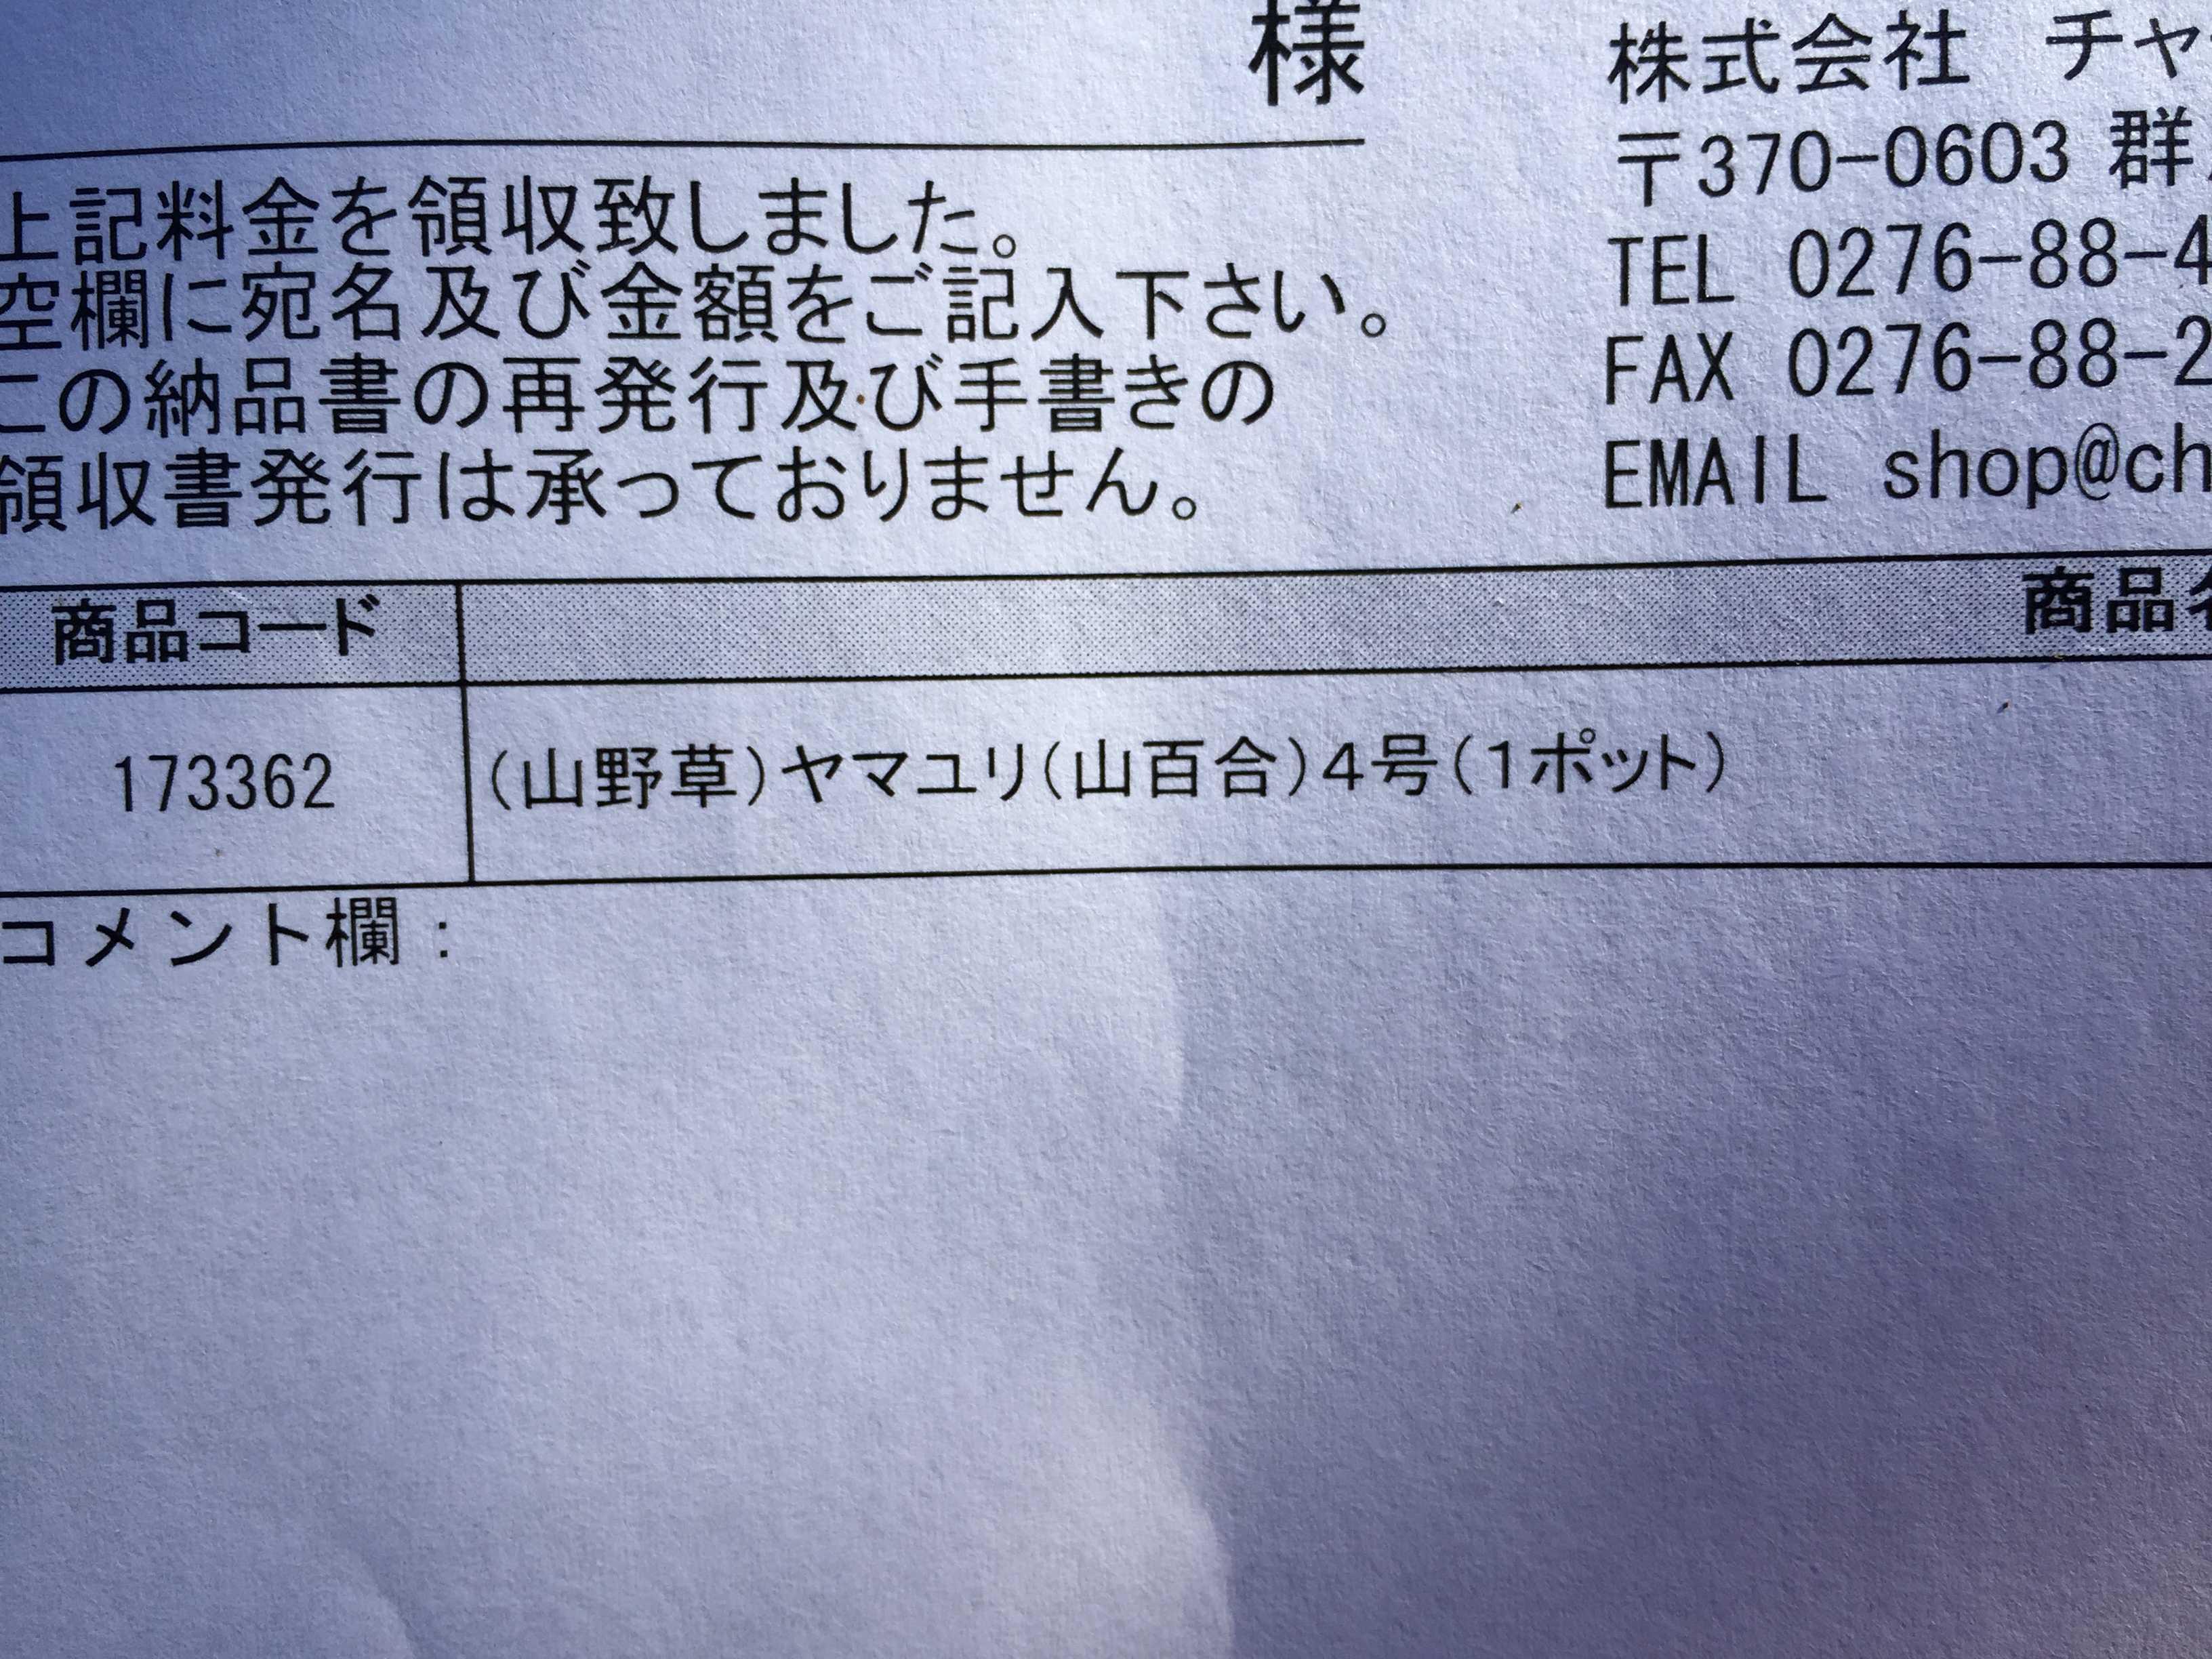 ヤマユリ庭植え - (山野草) ヤマユリ/山百合 4号ポット